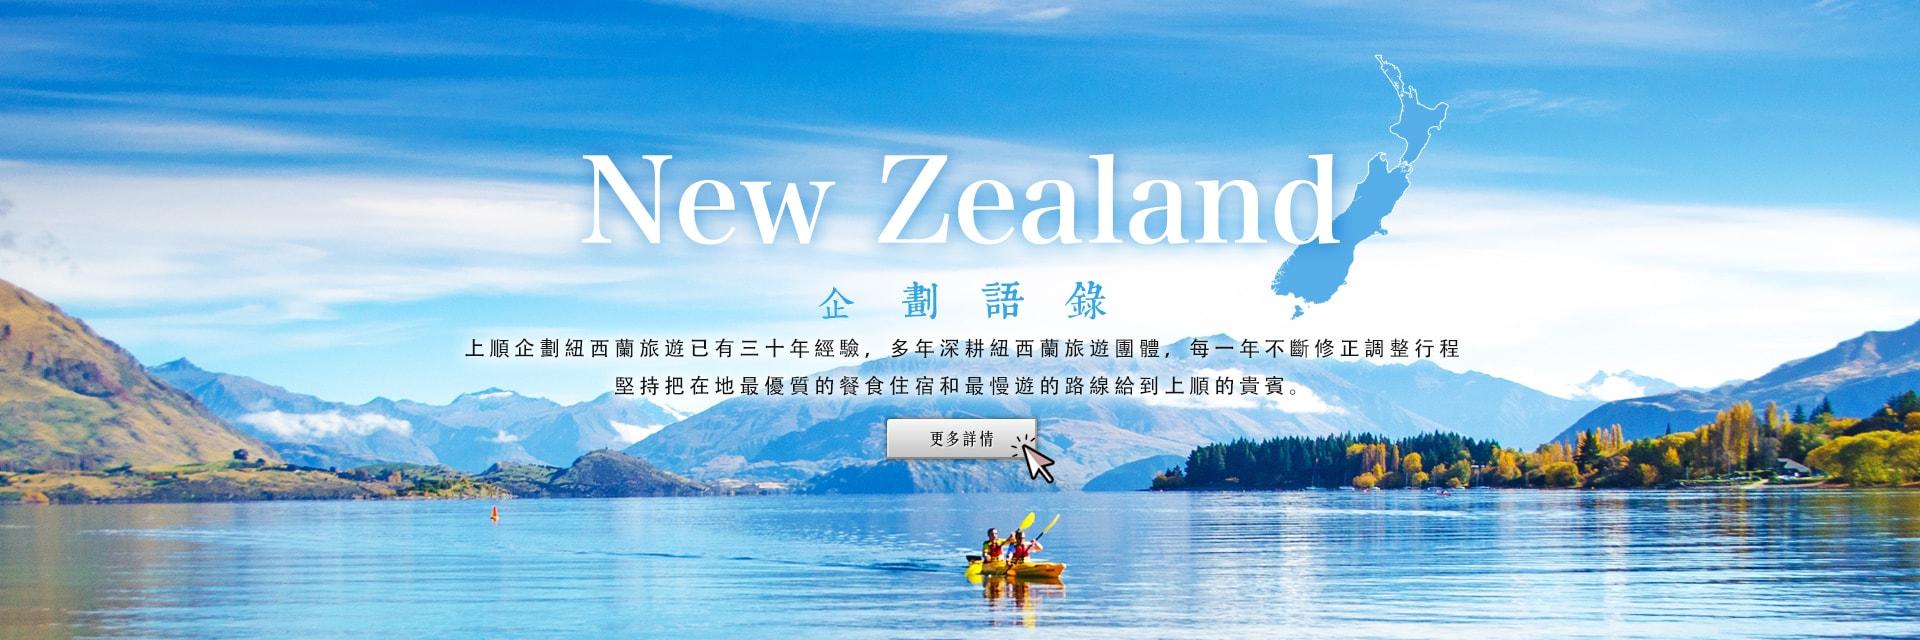 上順旅遊、紐西蘭、企劃語錄